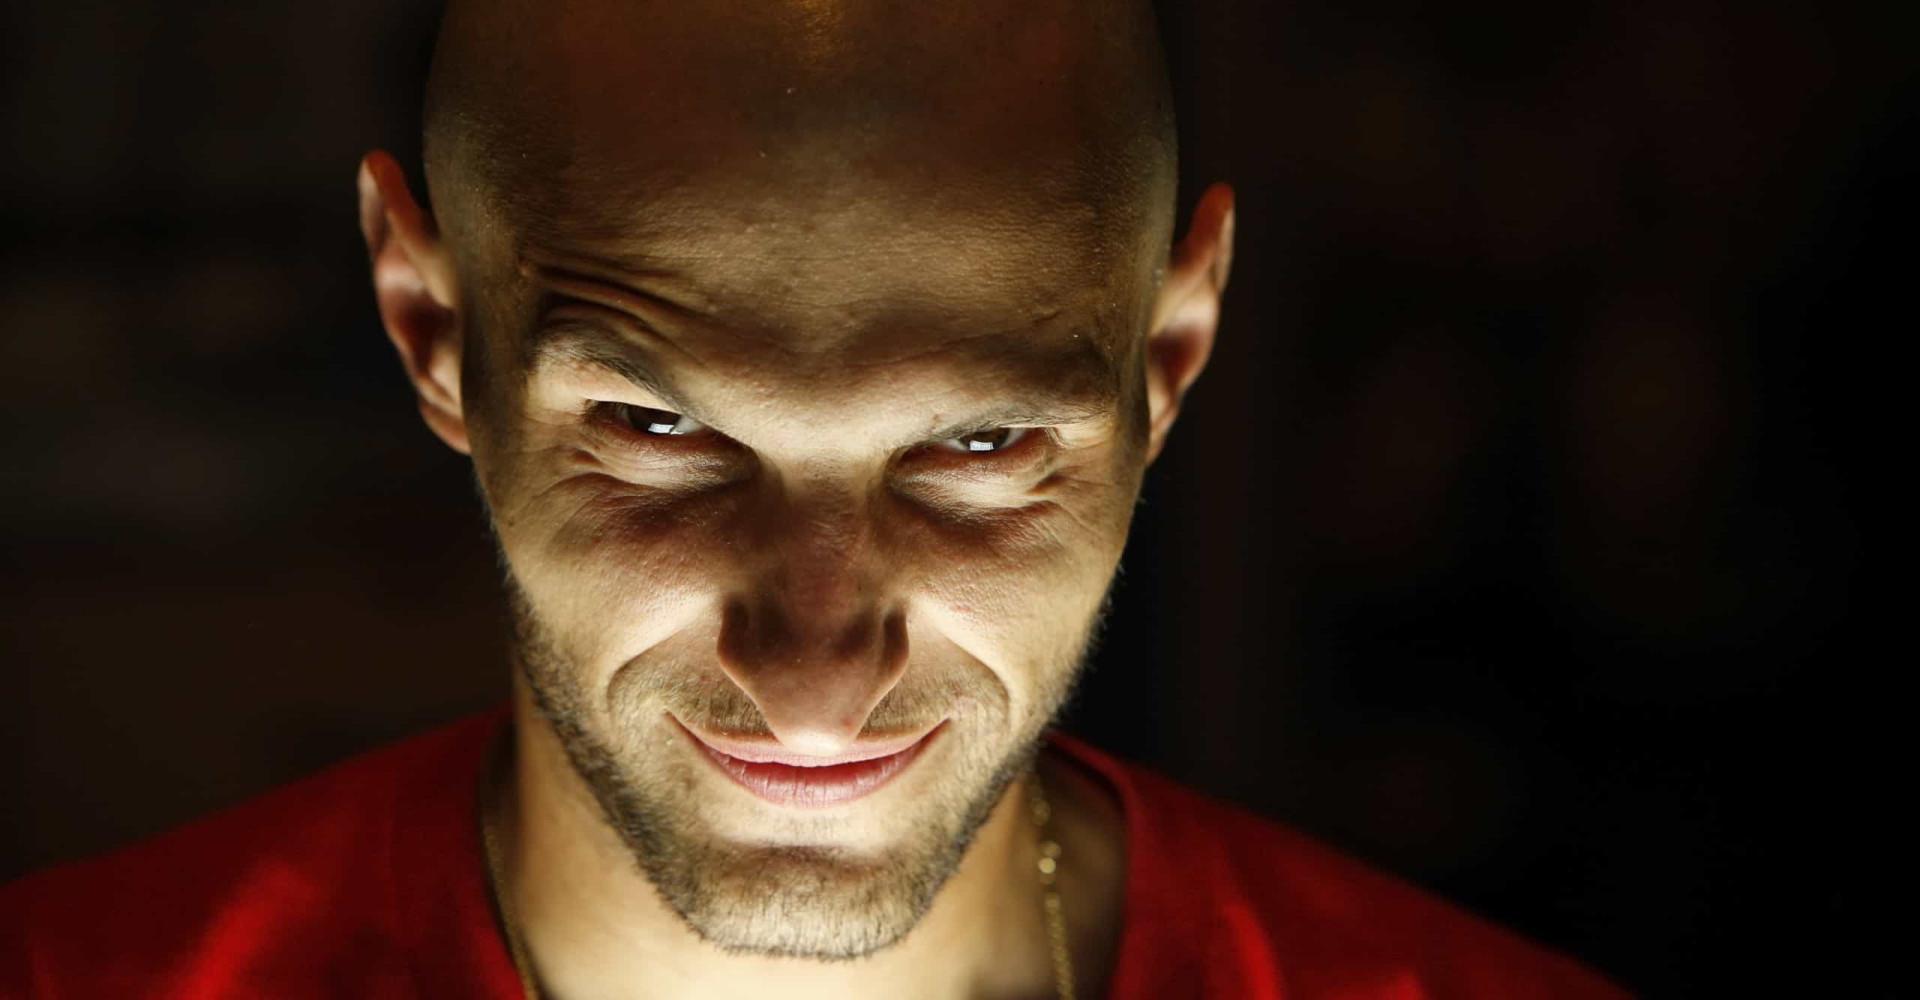 Asesinos en serie: ¿cómo saber si duermes junto a uno de ellos?